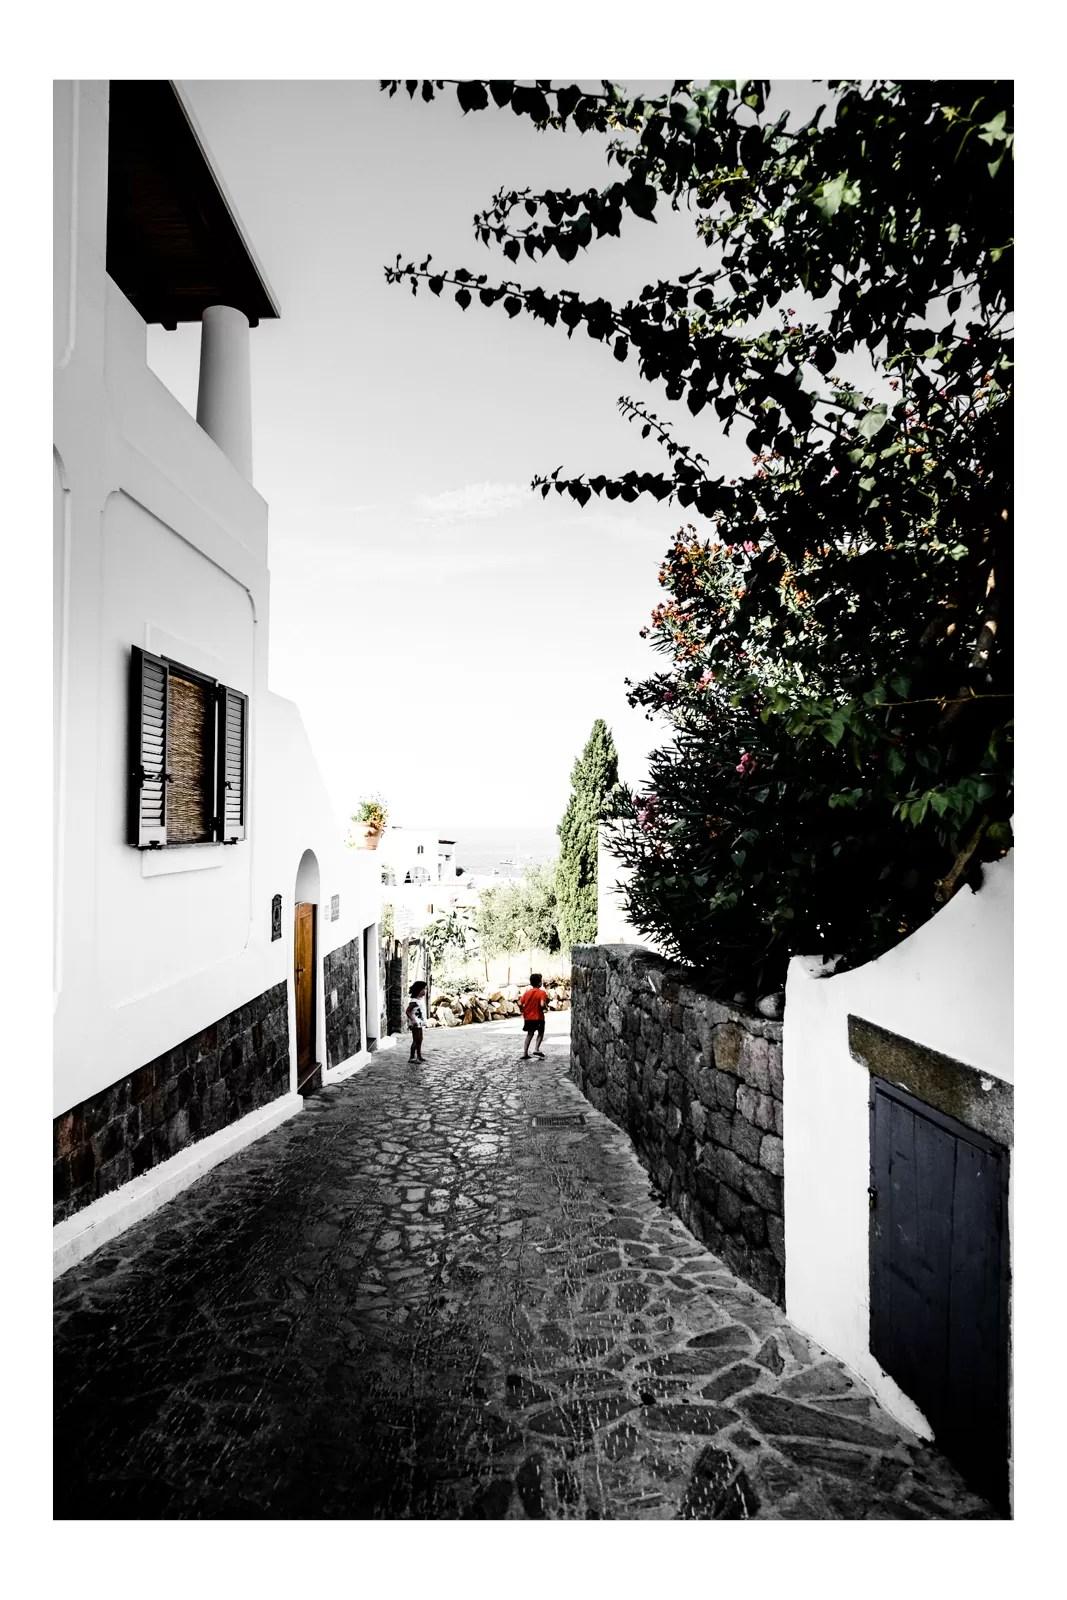 DSCF1321 - Aeolian Style - fotostreet.it